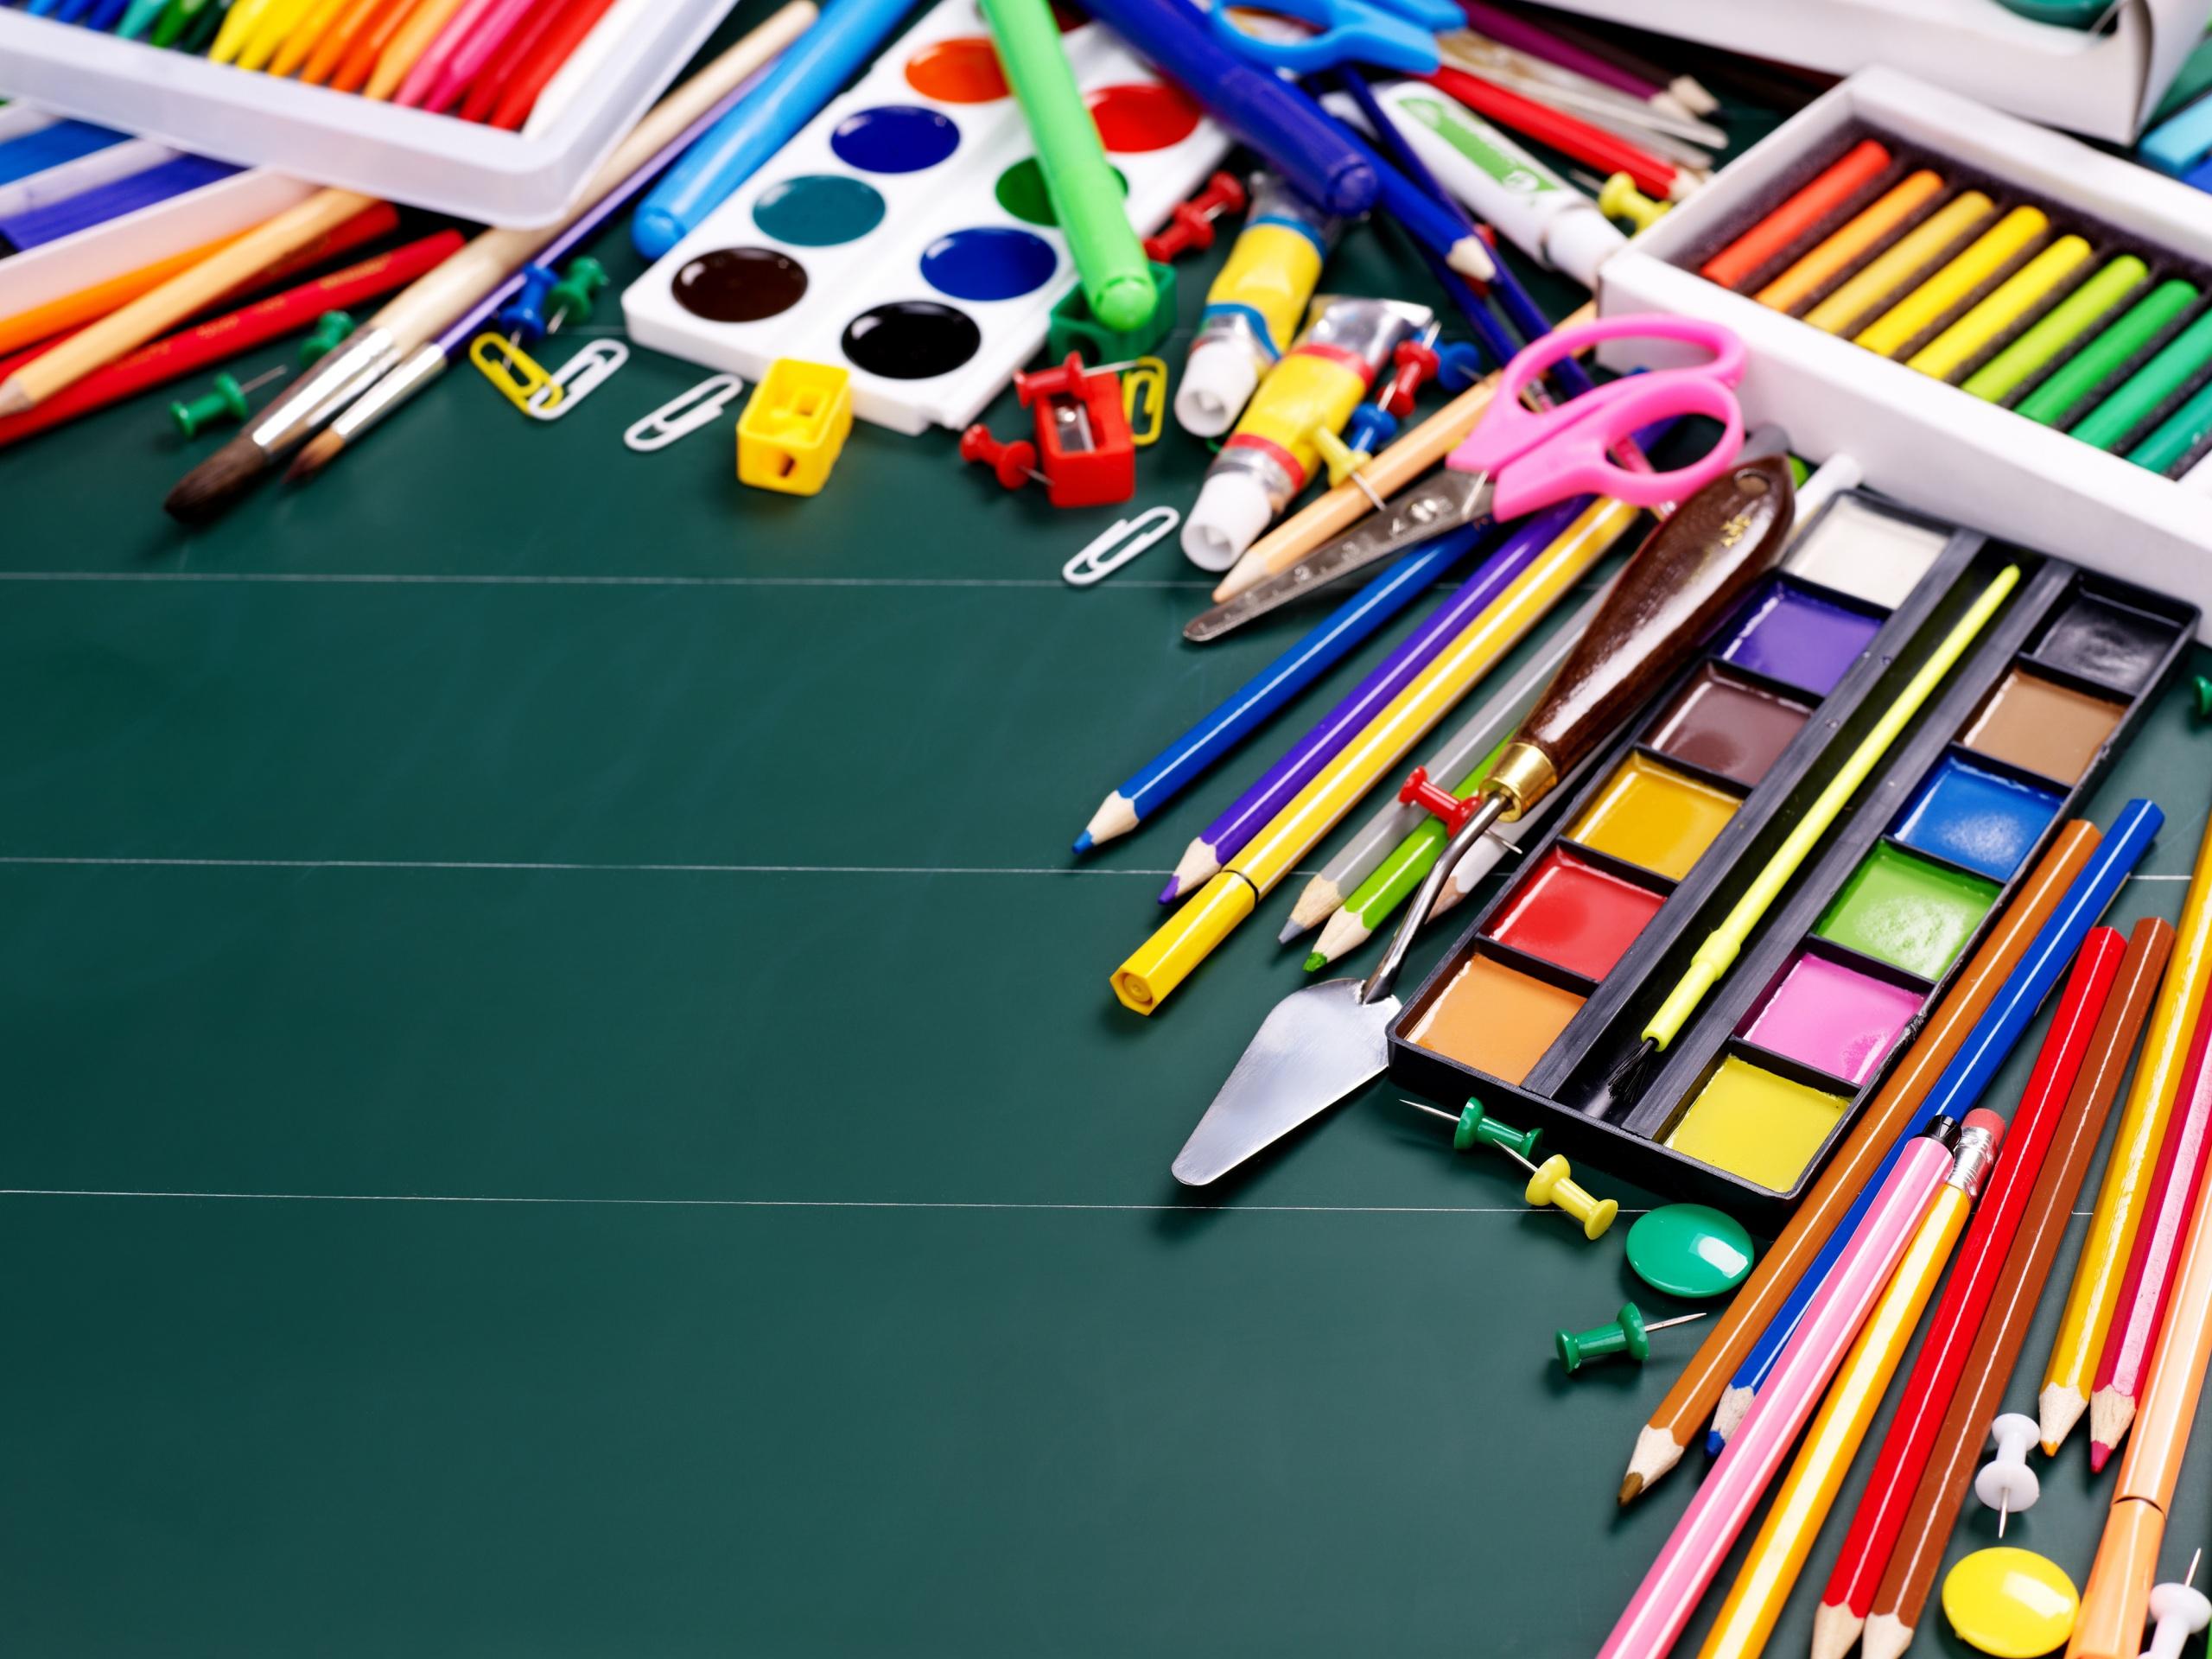 Фотографии Канцелярские товары школьные карандаша Шариковая ручка 2560x1920 Школа карандаш Карандаши карандашей